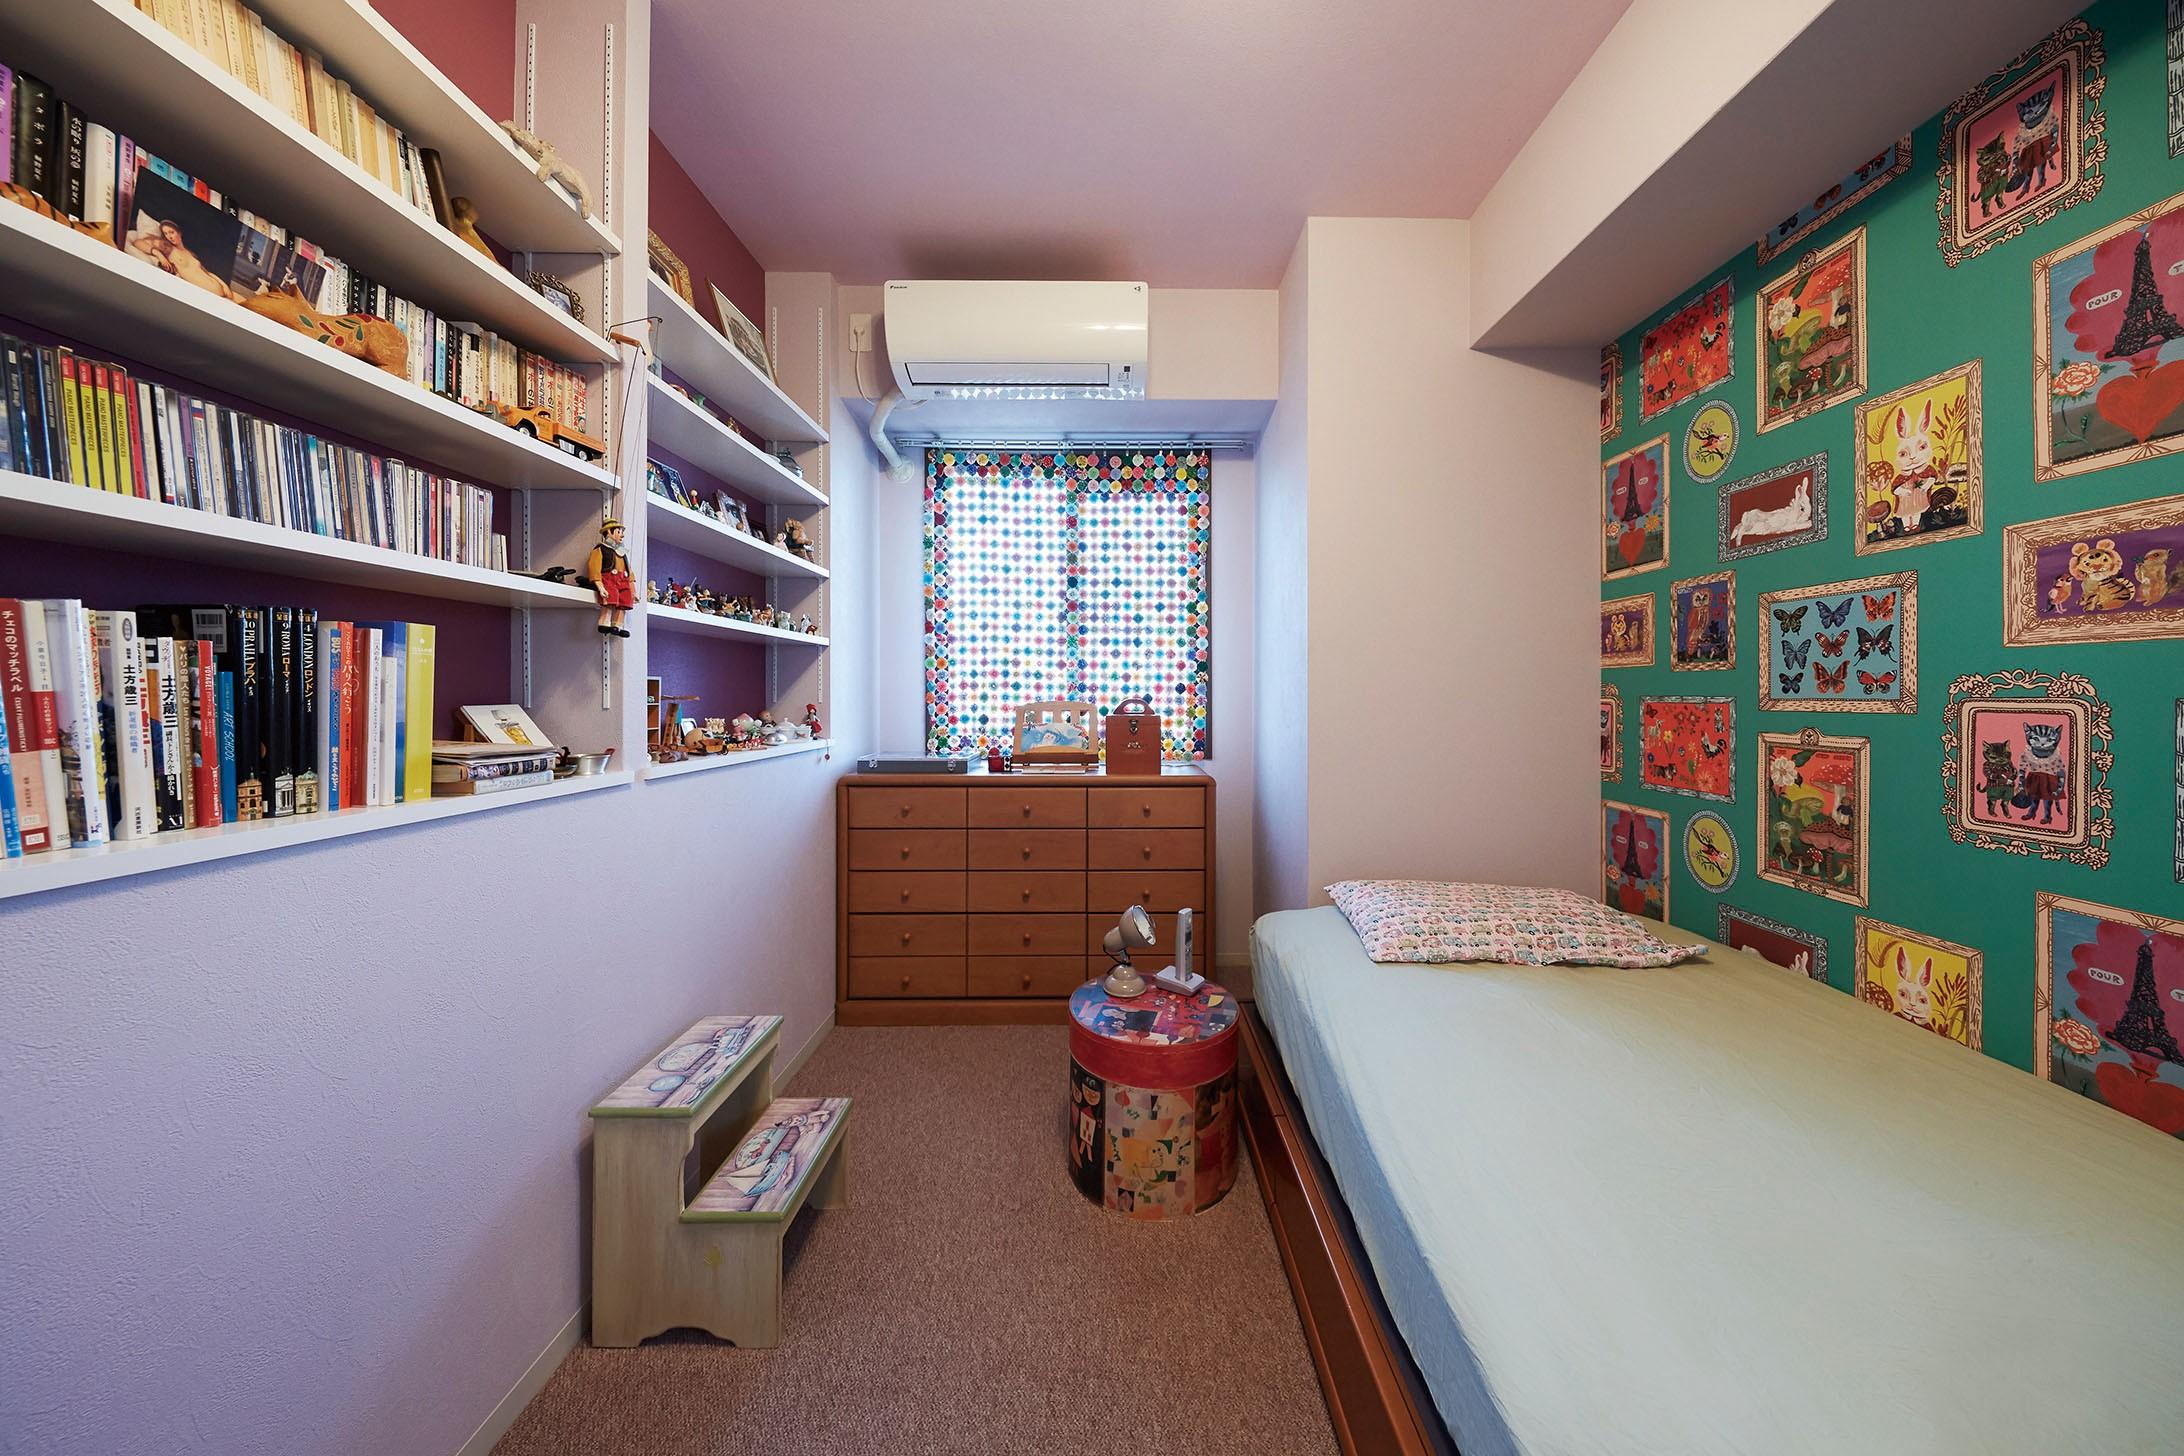 アクセントの壁紙で印象的な寝室に 造作棚でコレクションを効率良く